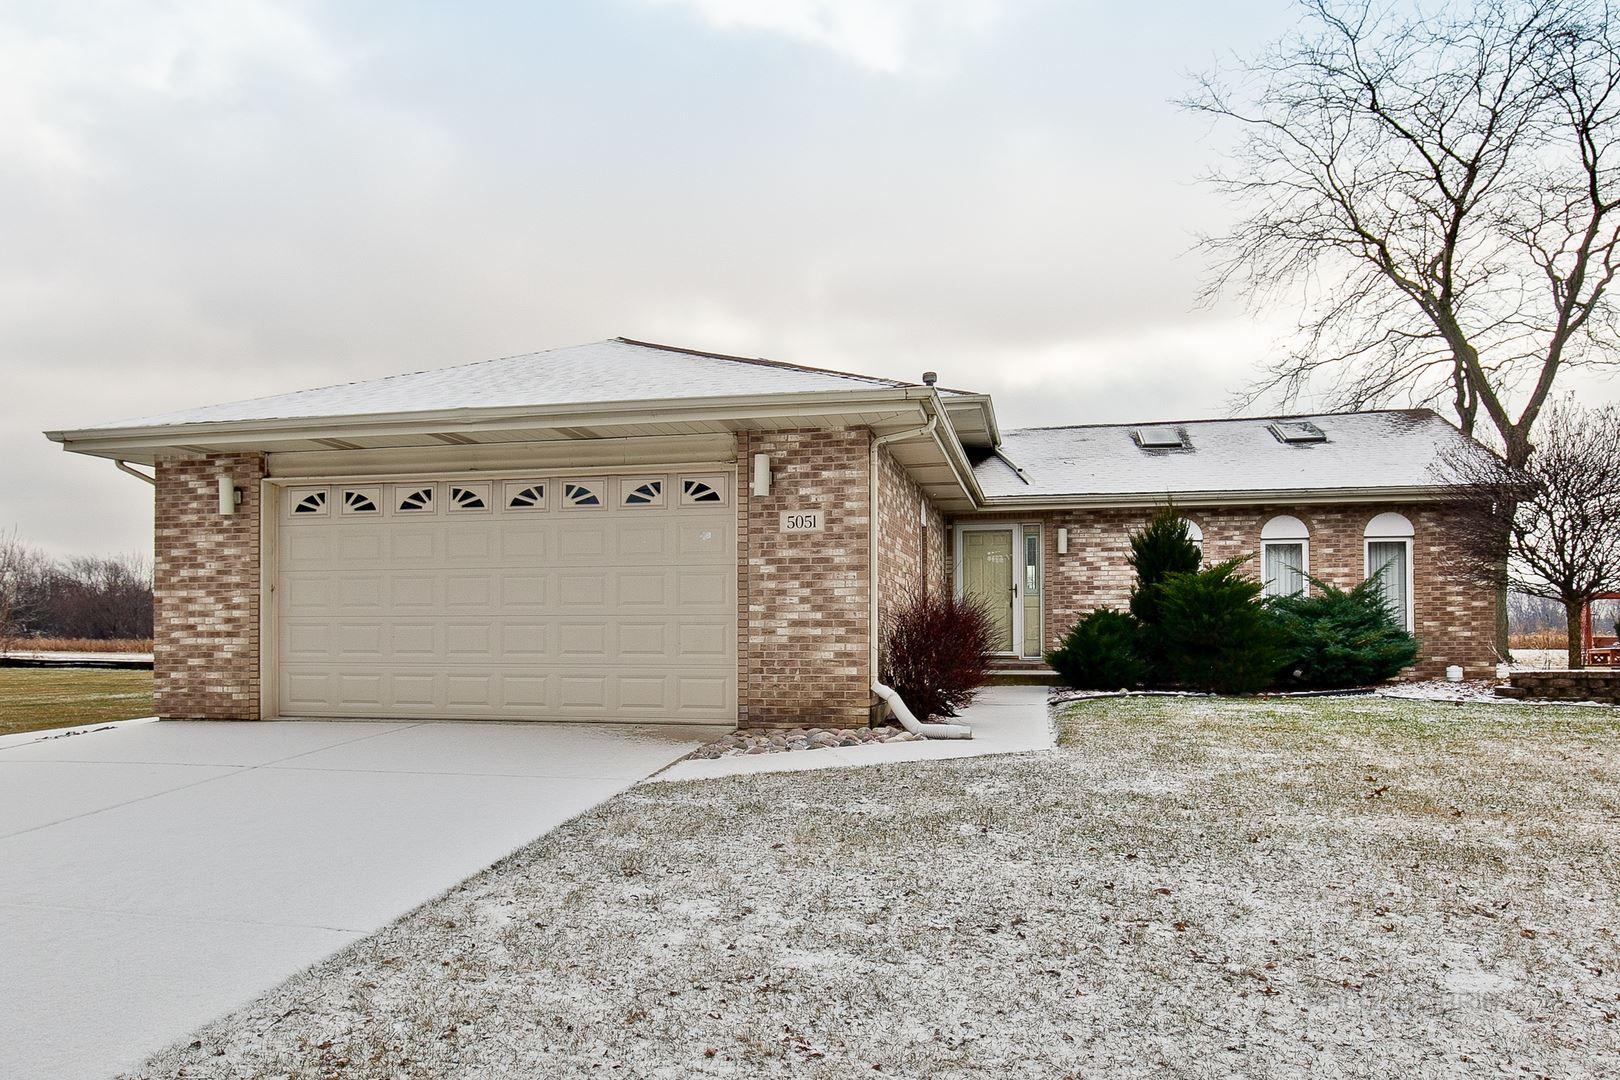 5051 Imperial Drive, Richton Park, IL 60471 - #: 10704926